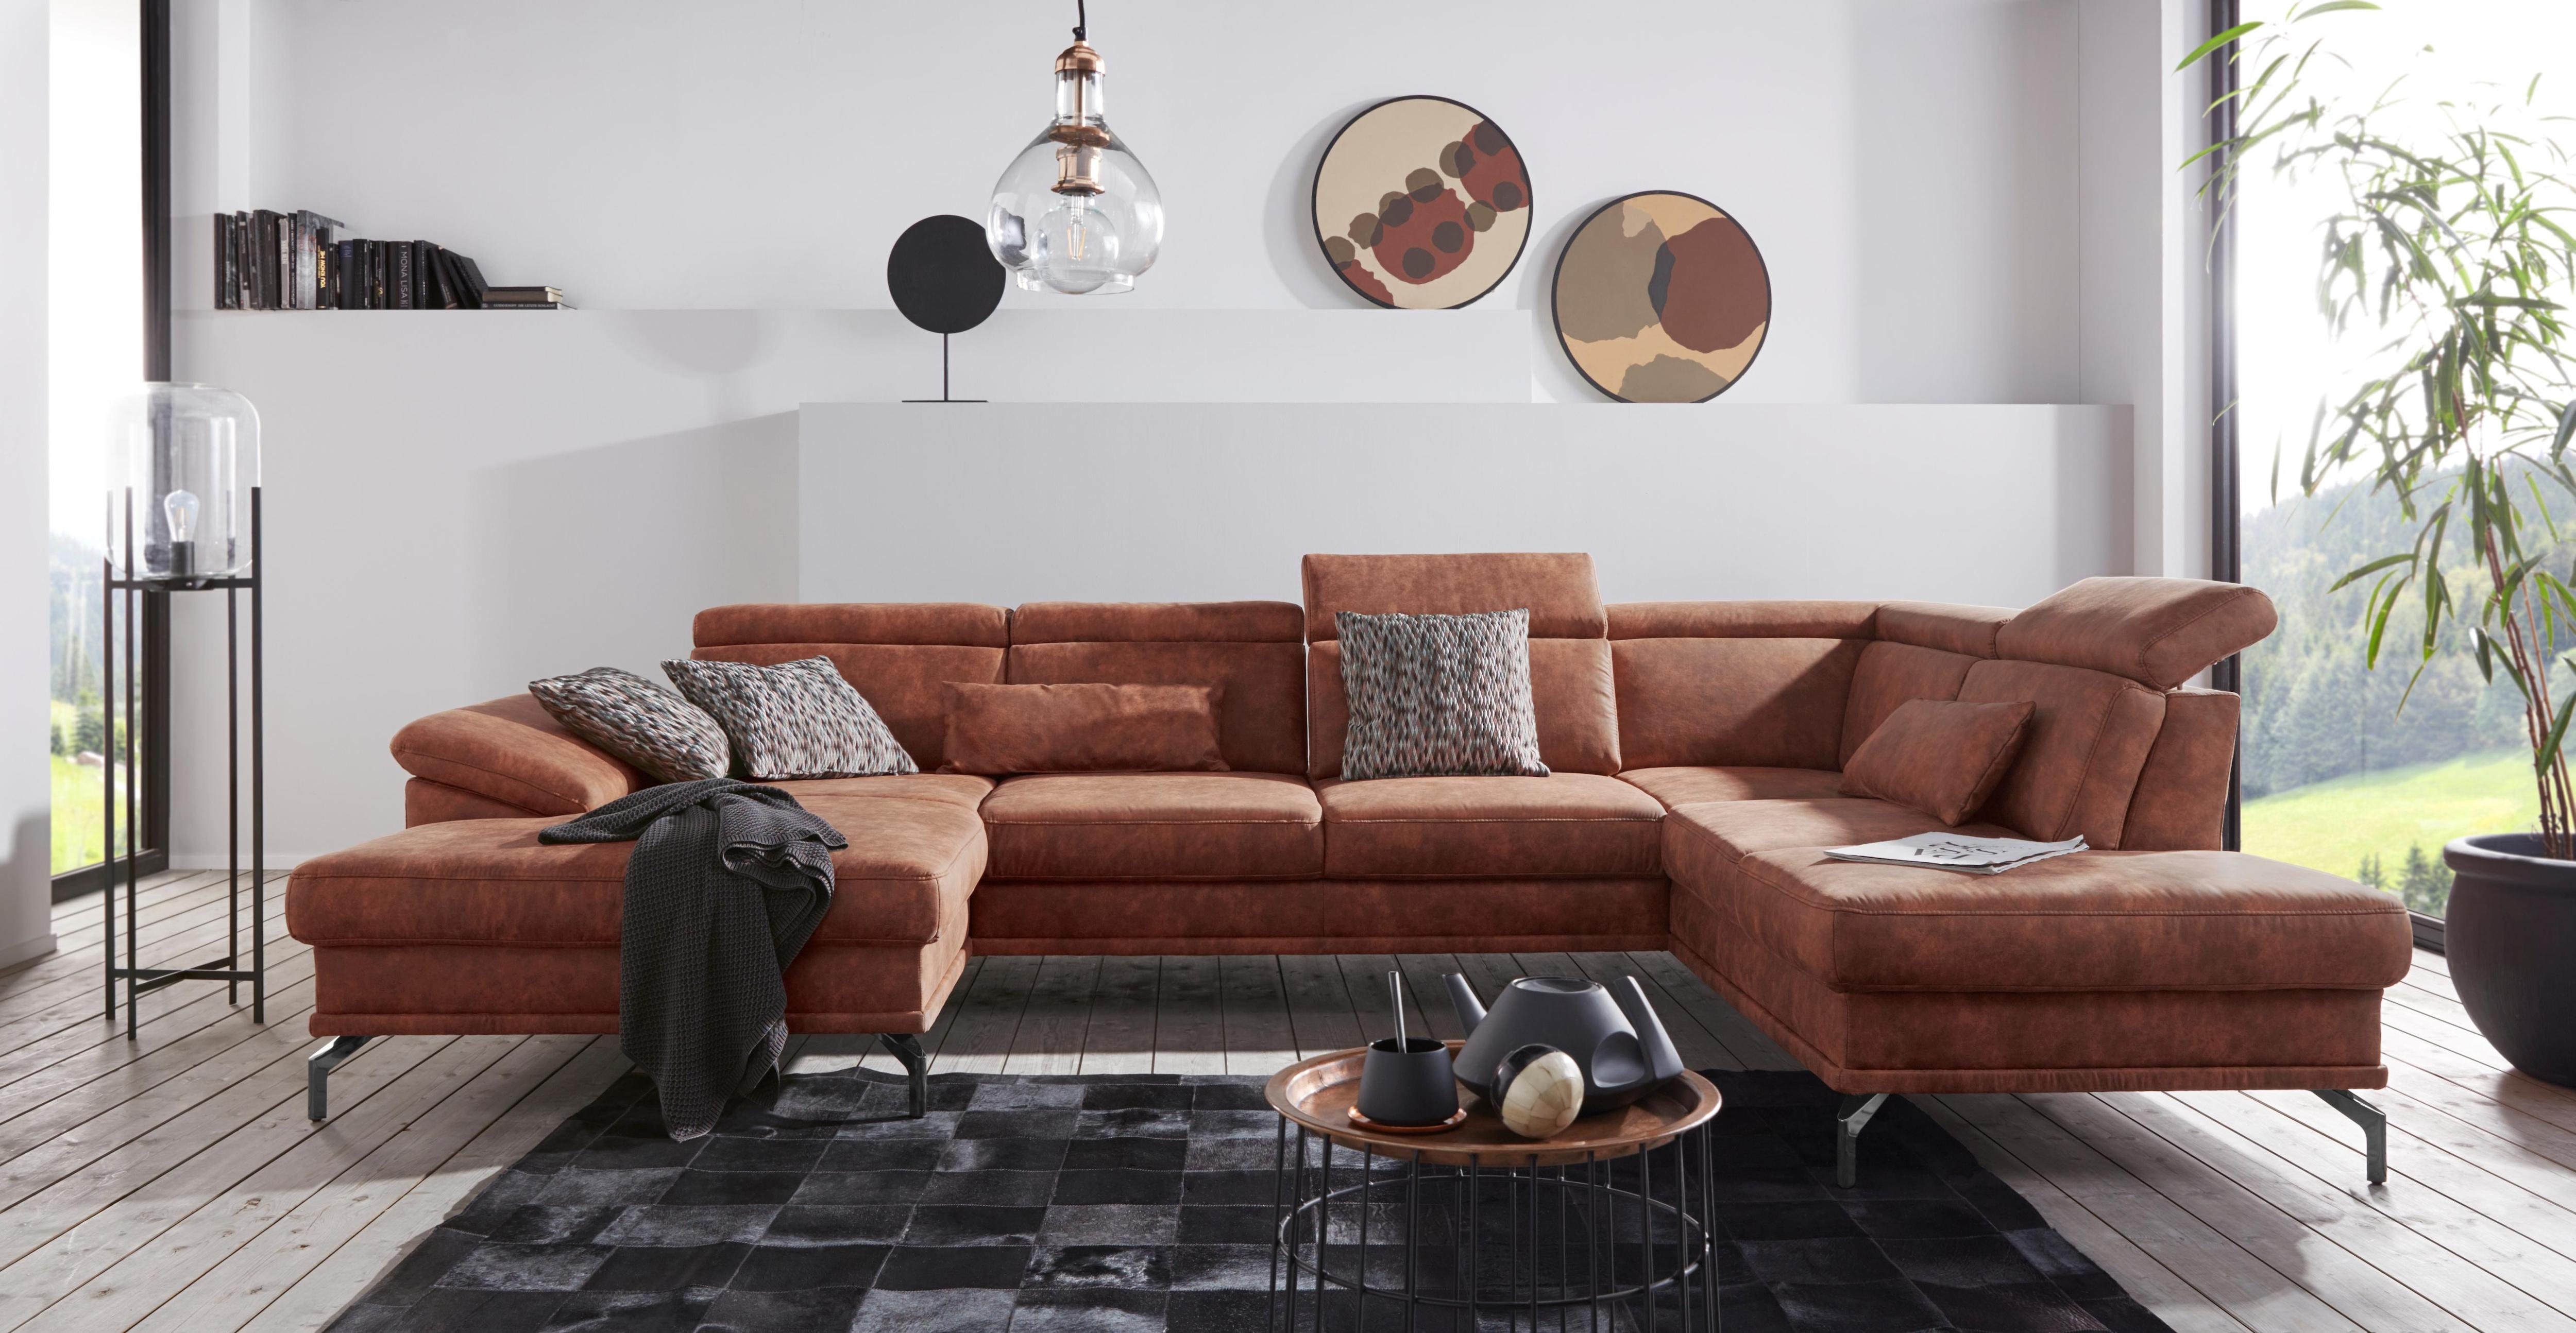 Image of Dekokissen, sit&more